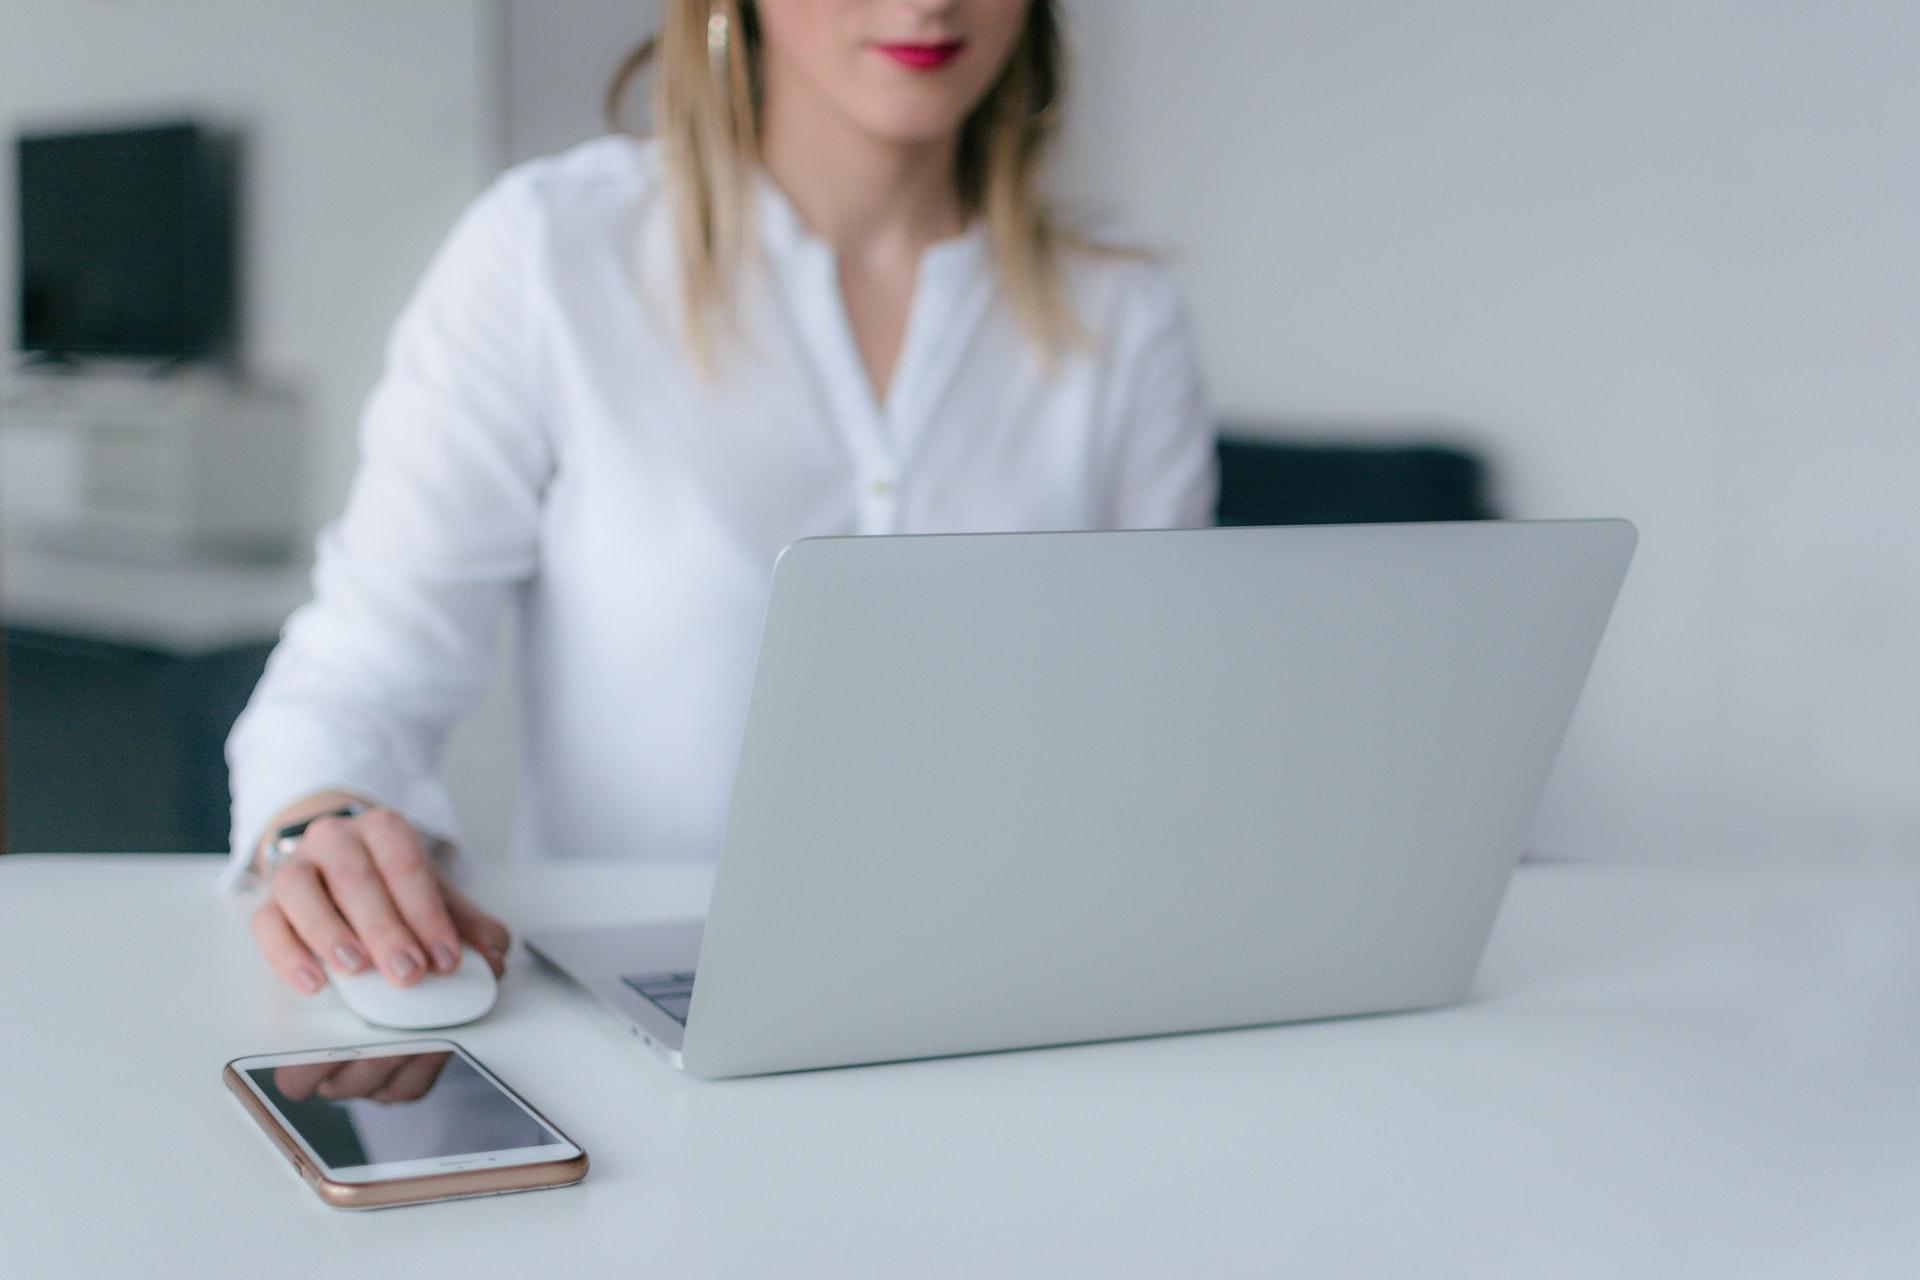 webcam, kamera, computer, macbook, pc, hacker, hacking, arbejde, skole, studie, pige, kvinde, job